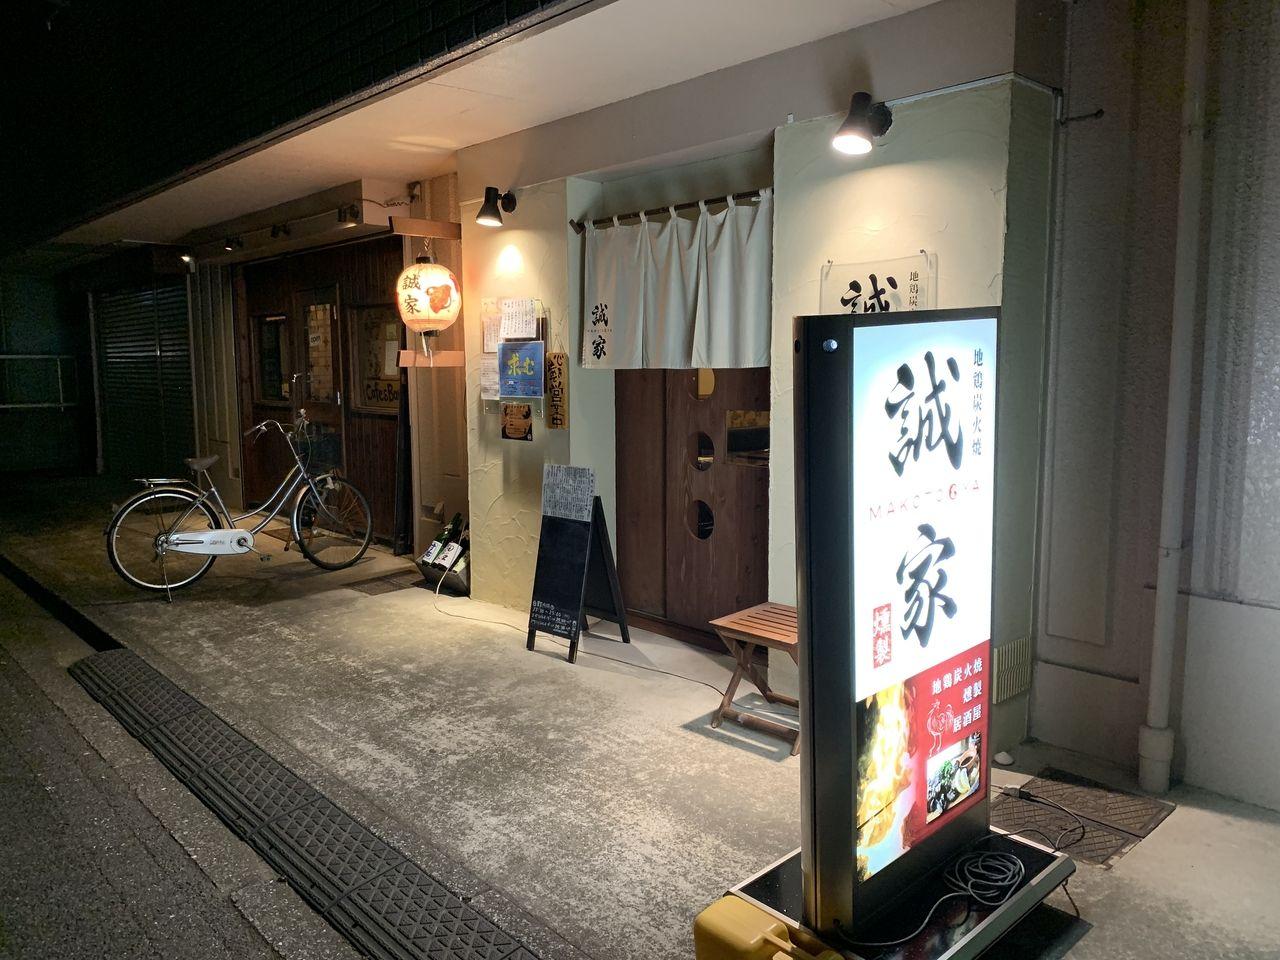 【三郷市食べ歩きブログ】三郷市早稲田2丁目のある地鶏炭火焼「誠家」へ